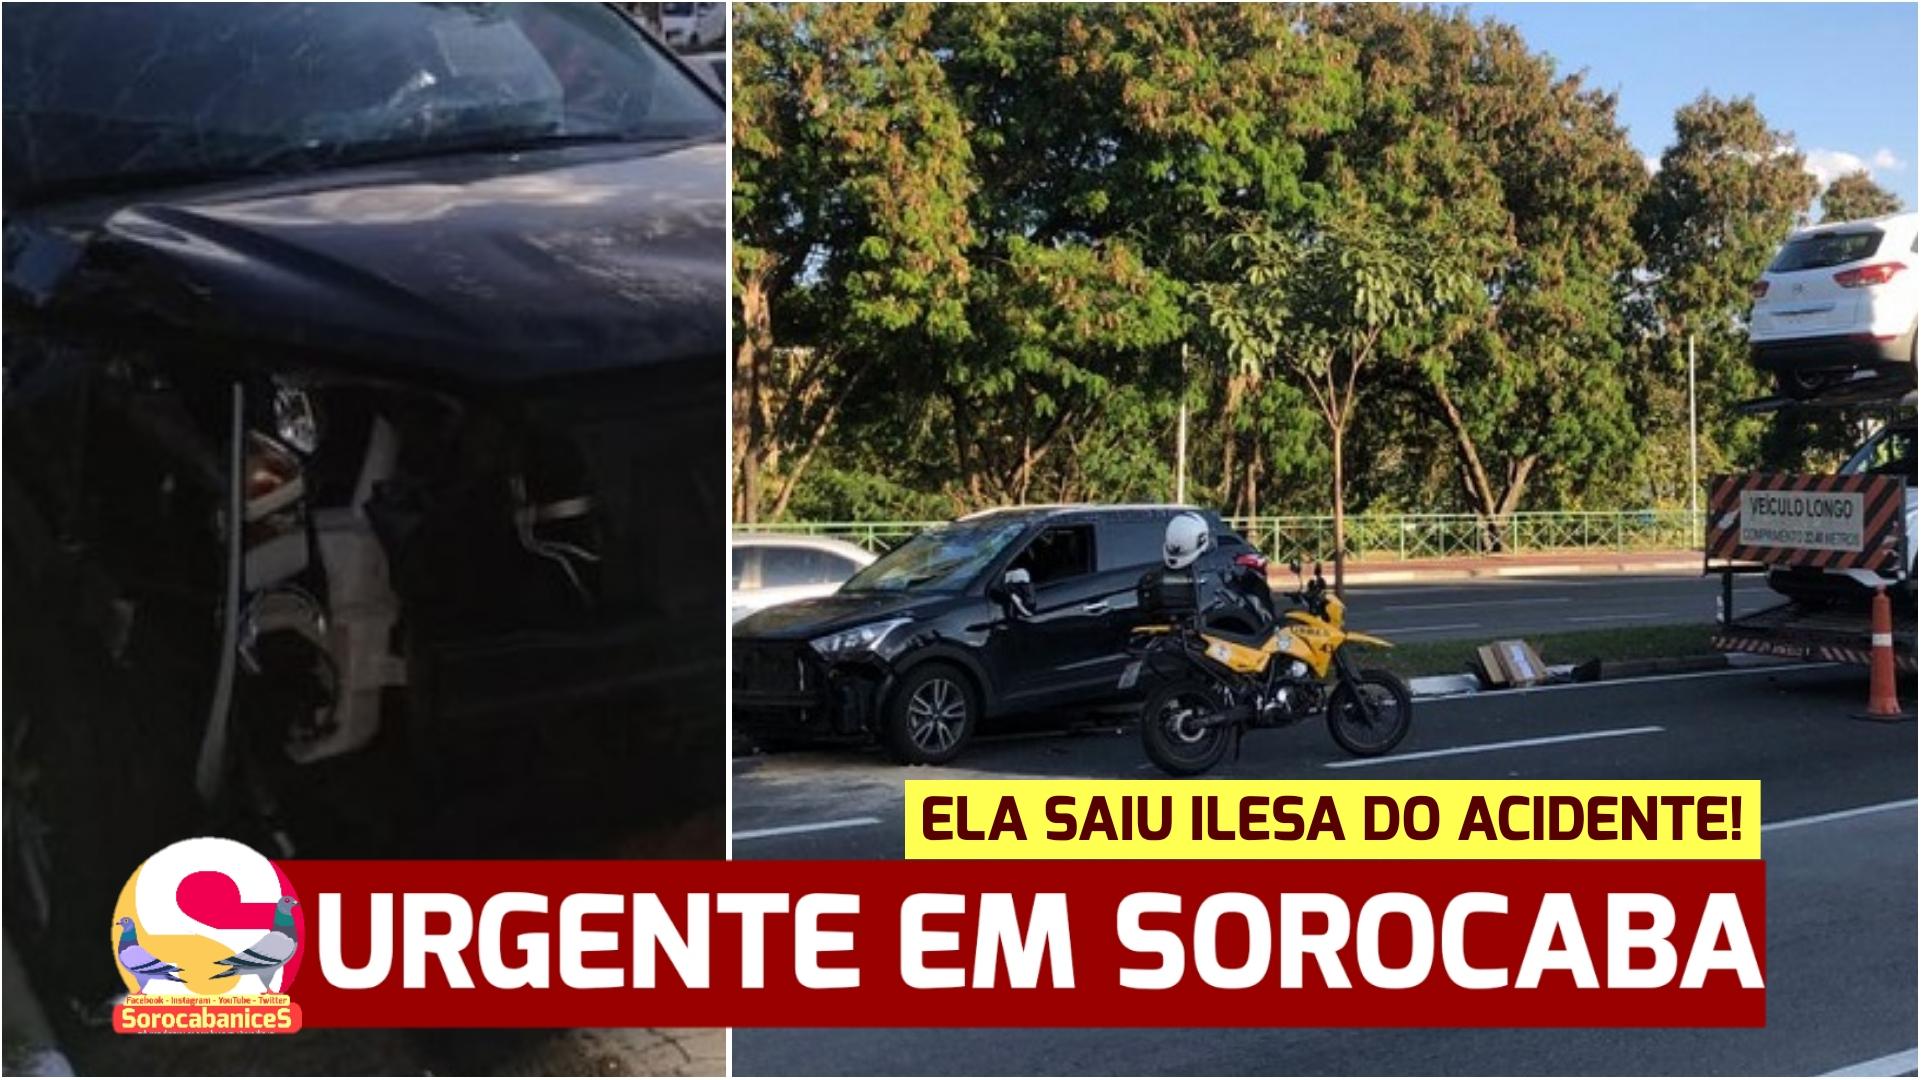 'Milagre': Carro bate em caminhão, capota e motorista sai ilesa em Sorocaba!